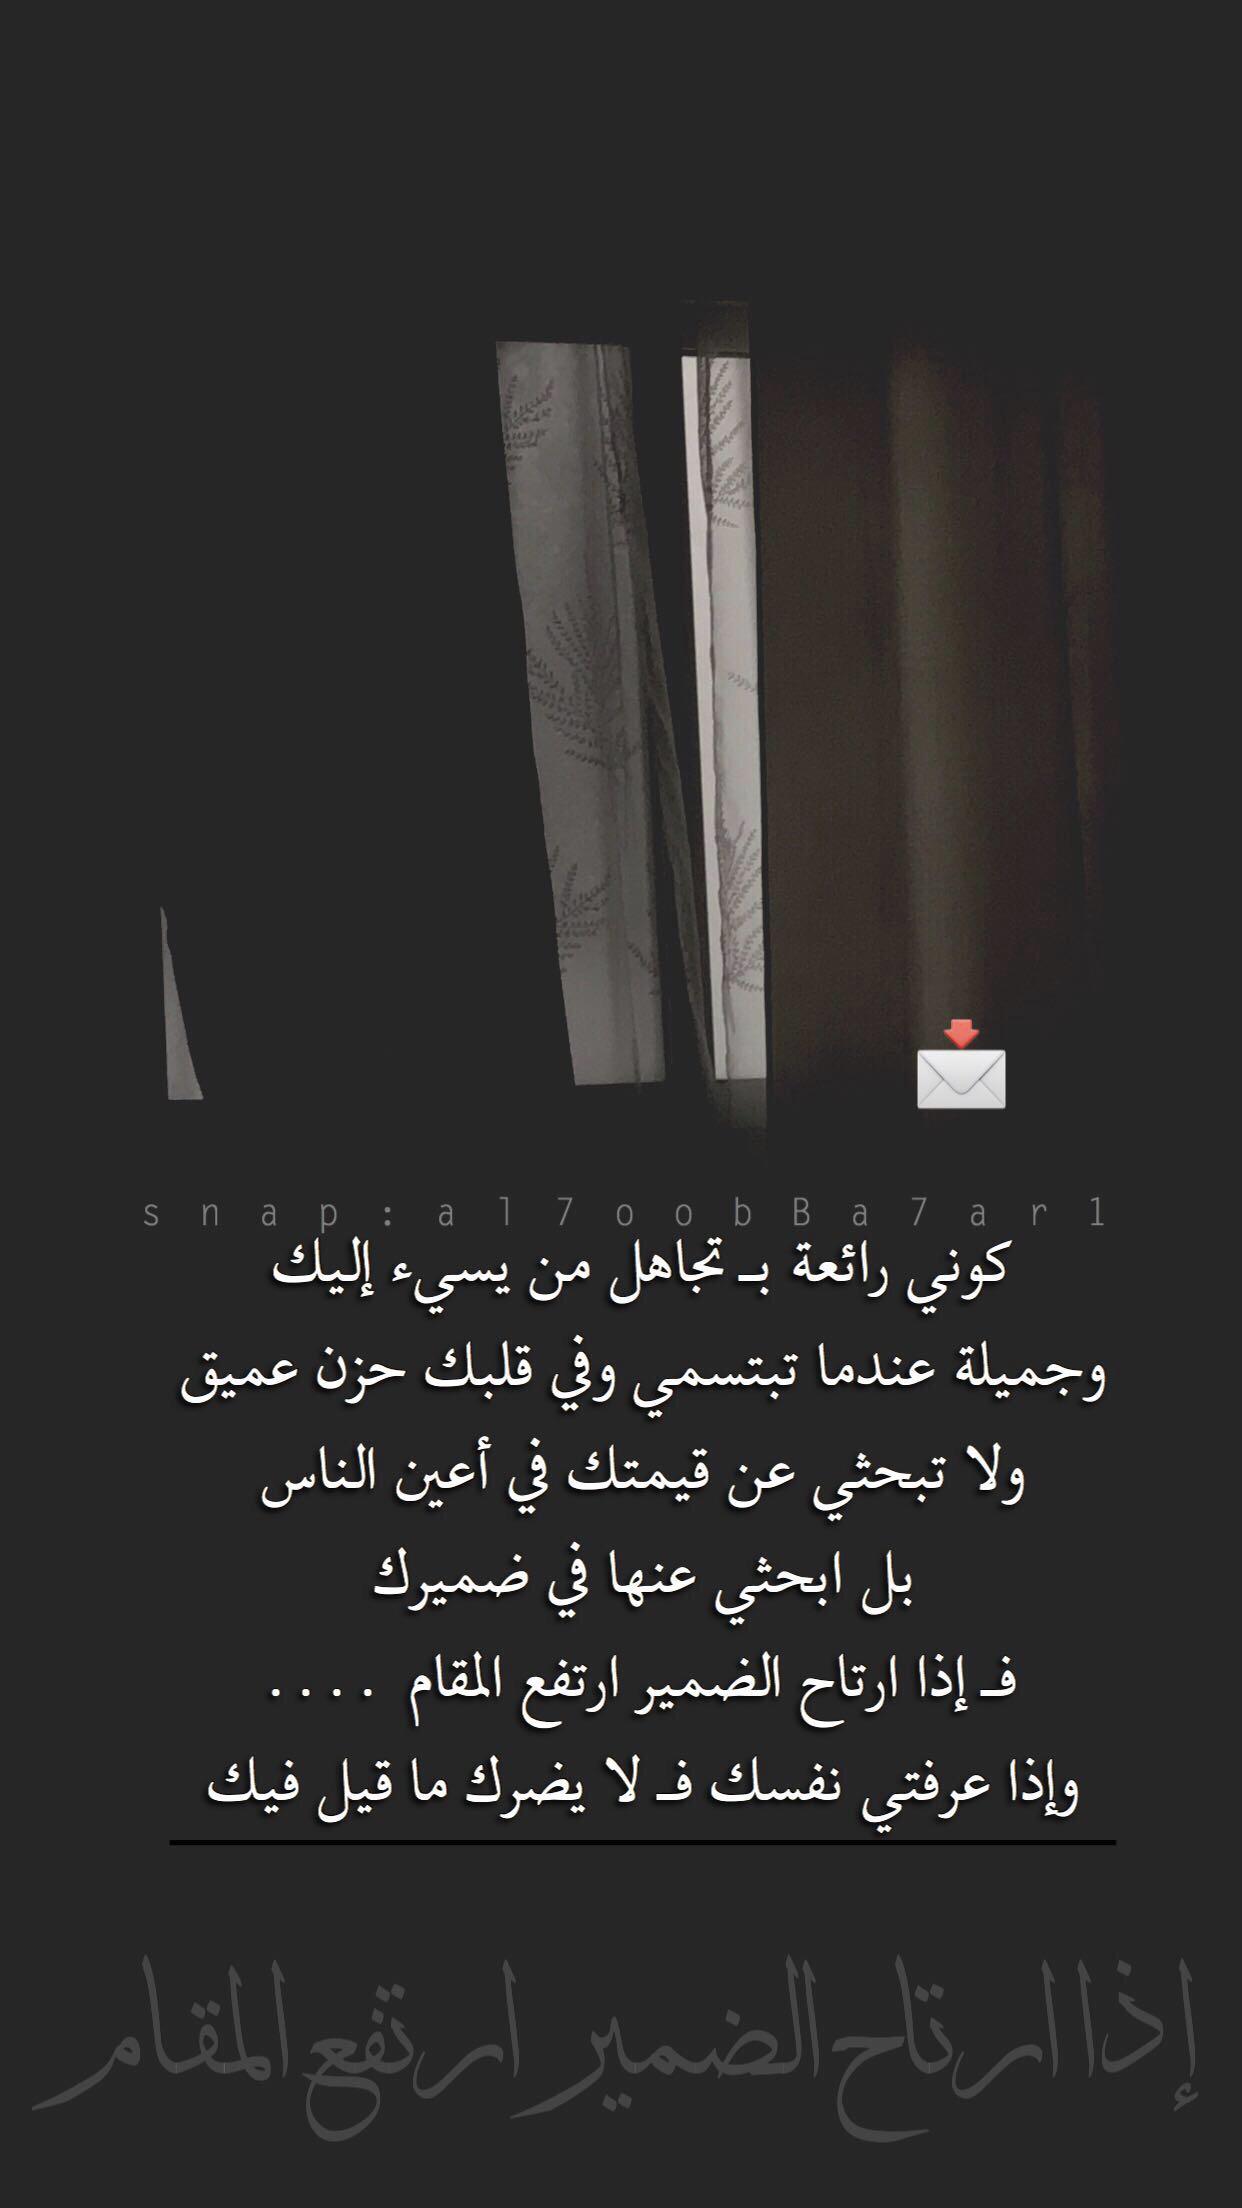 همسة ك وني رائعة بـ تجاه ل من ي سيء إليك و جميلة عند ما تب تس مي و في قلب ك حزن عميق و لا ت ب حث ي عن Words Quotes Personal Quotes Inspirational Quotes